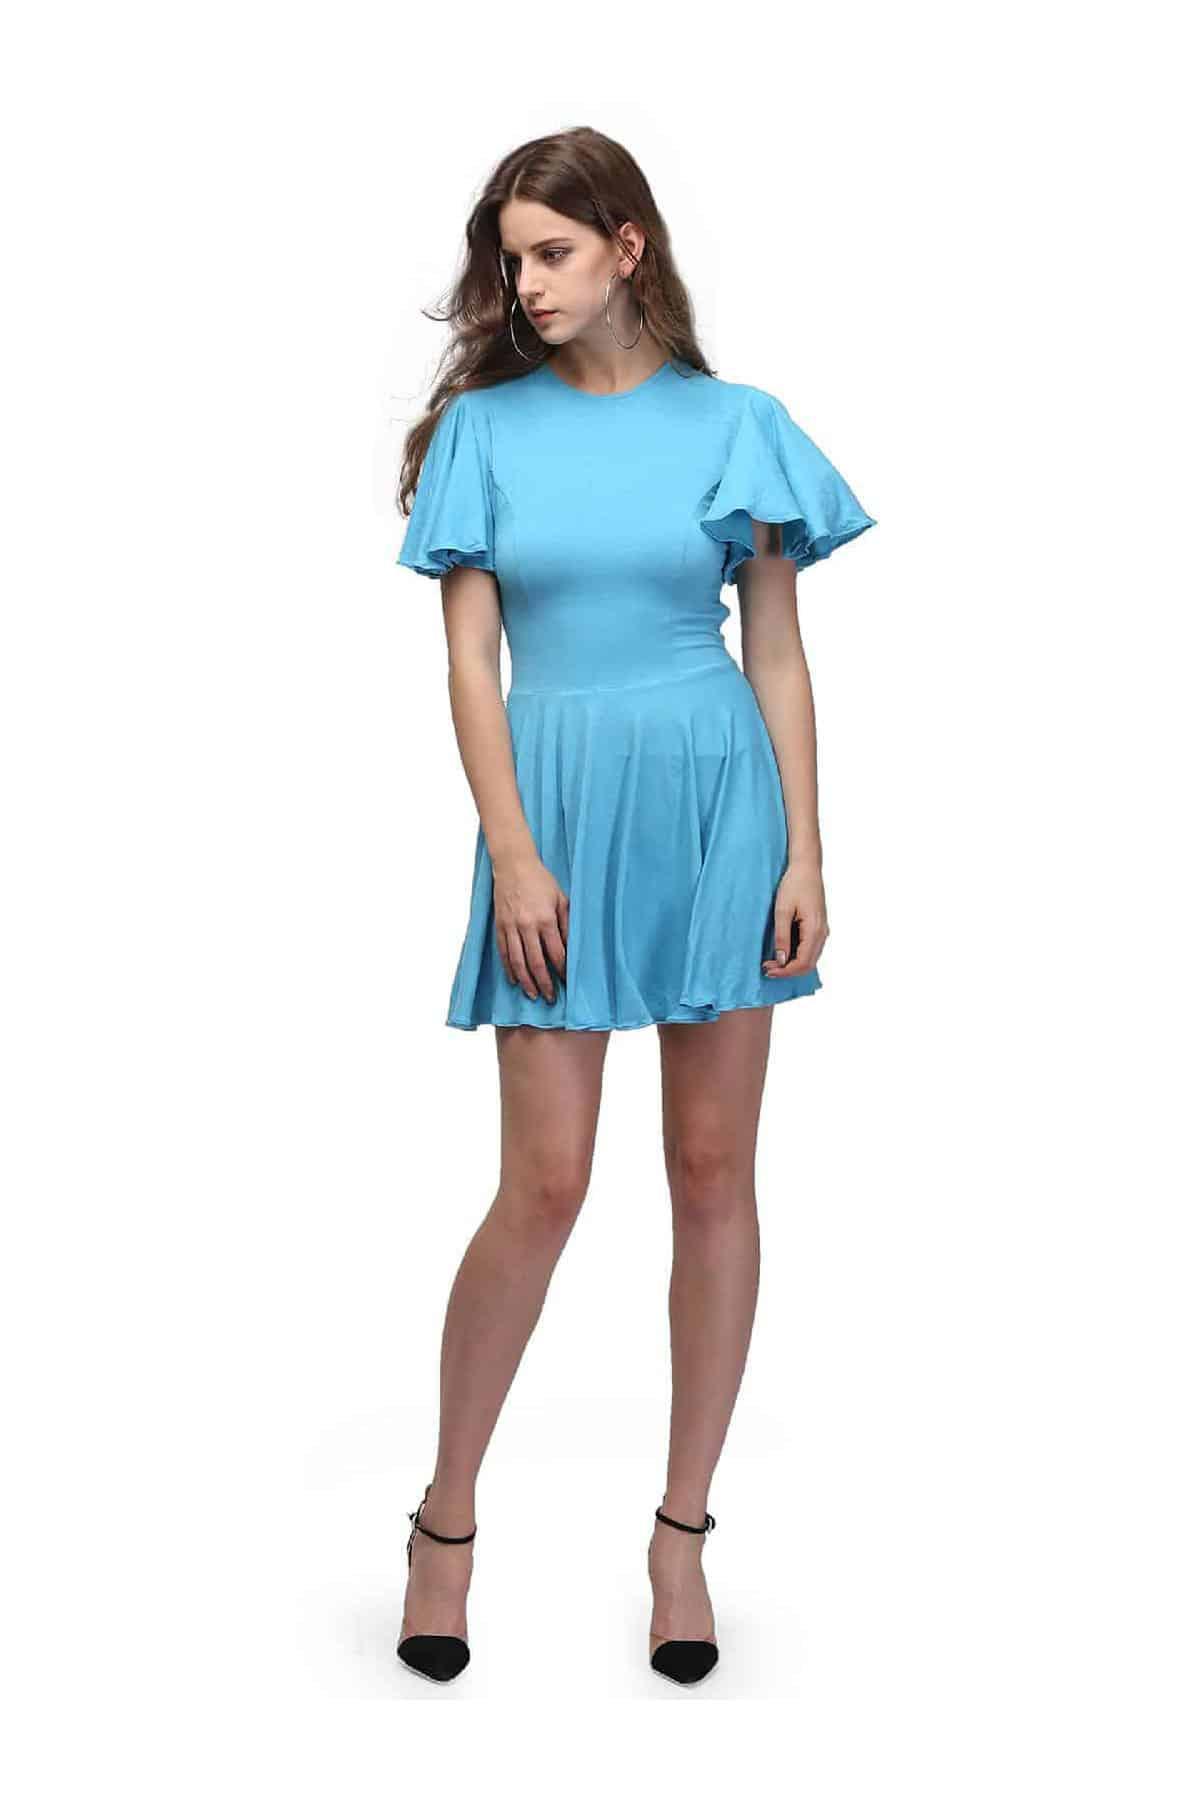 Fullsize Of Powder Blue Dress